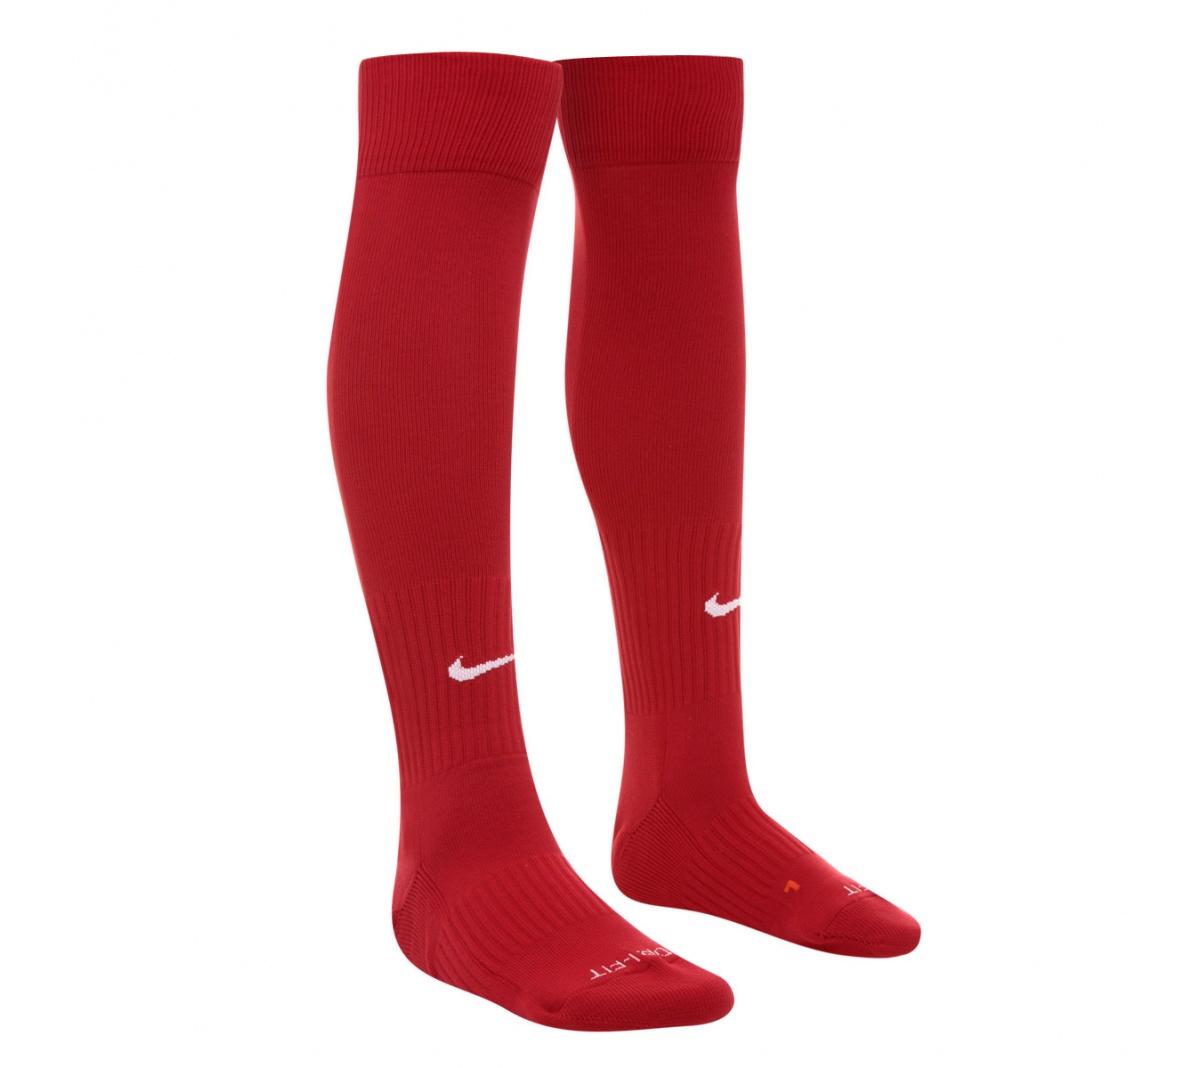 Meião Infantil Nike Classic Football Vermelho